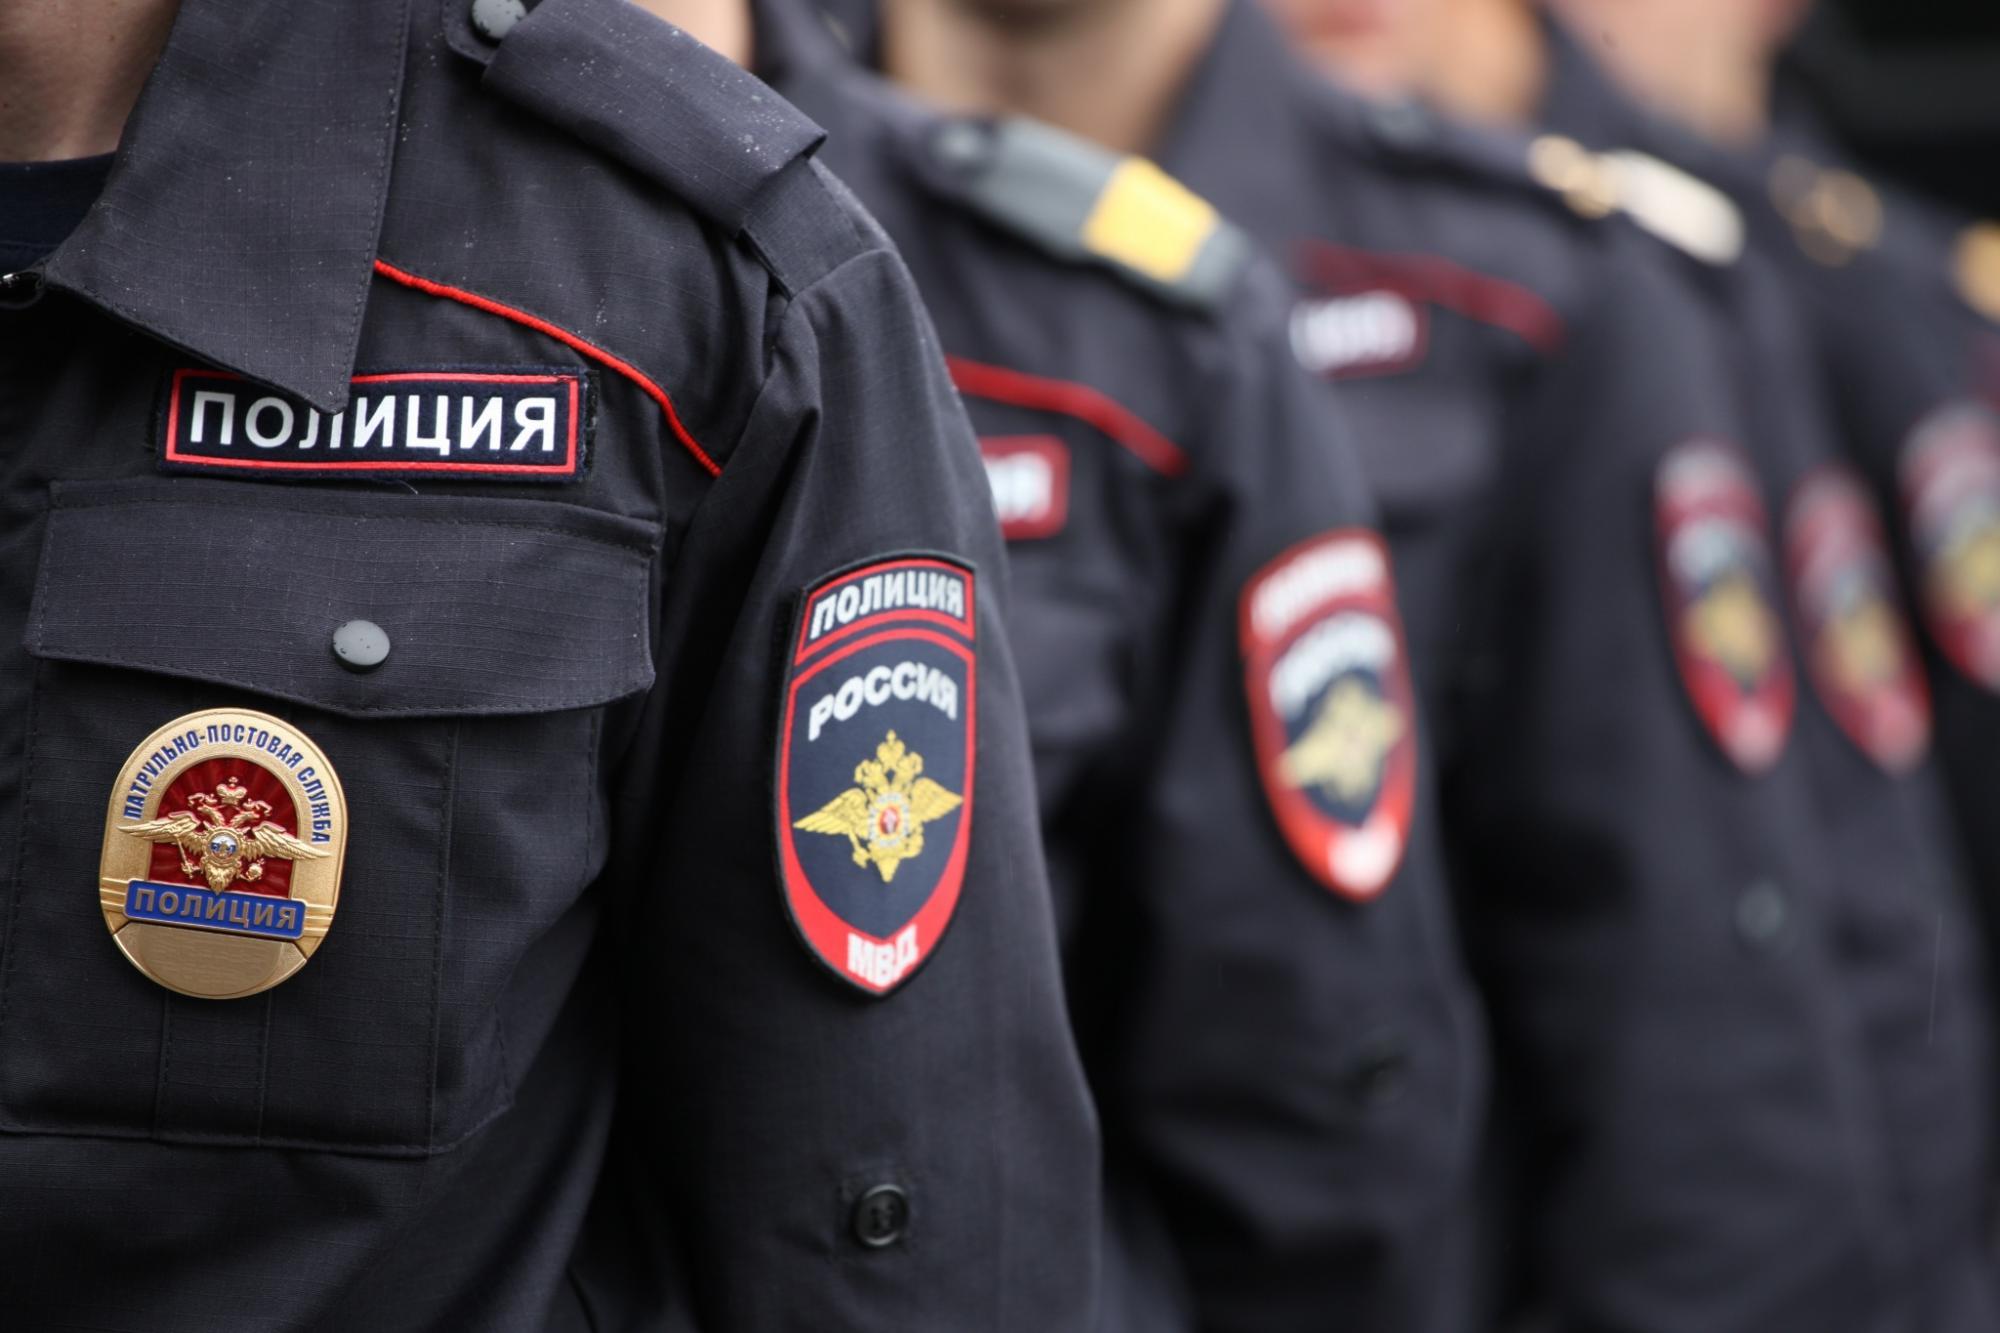 Картинки полиция россии мвд, фото для пацанов